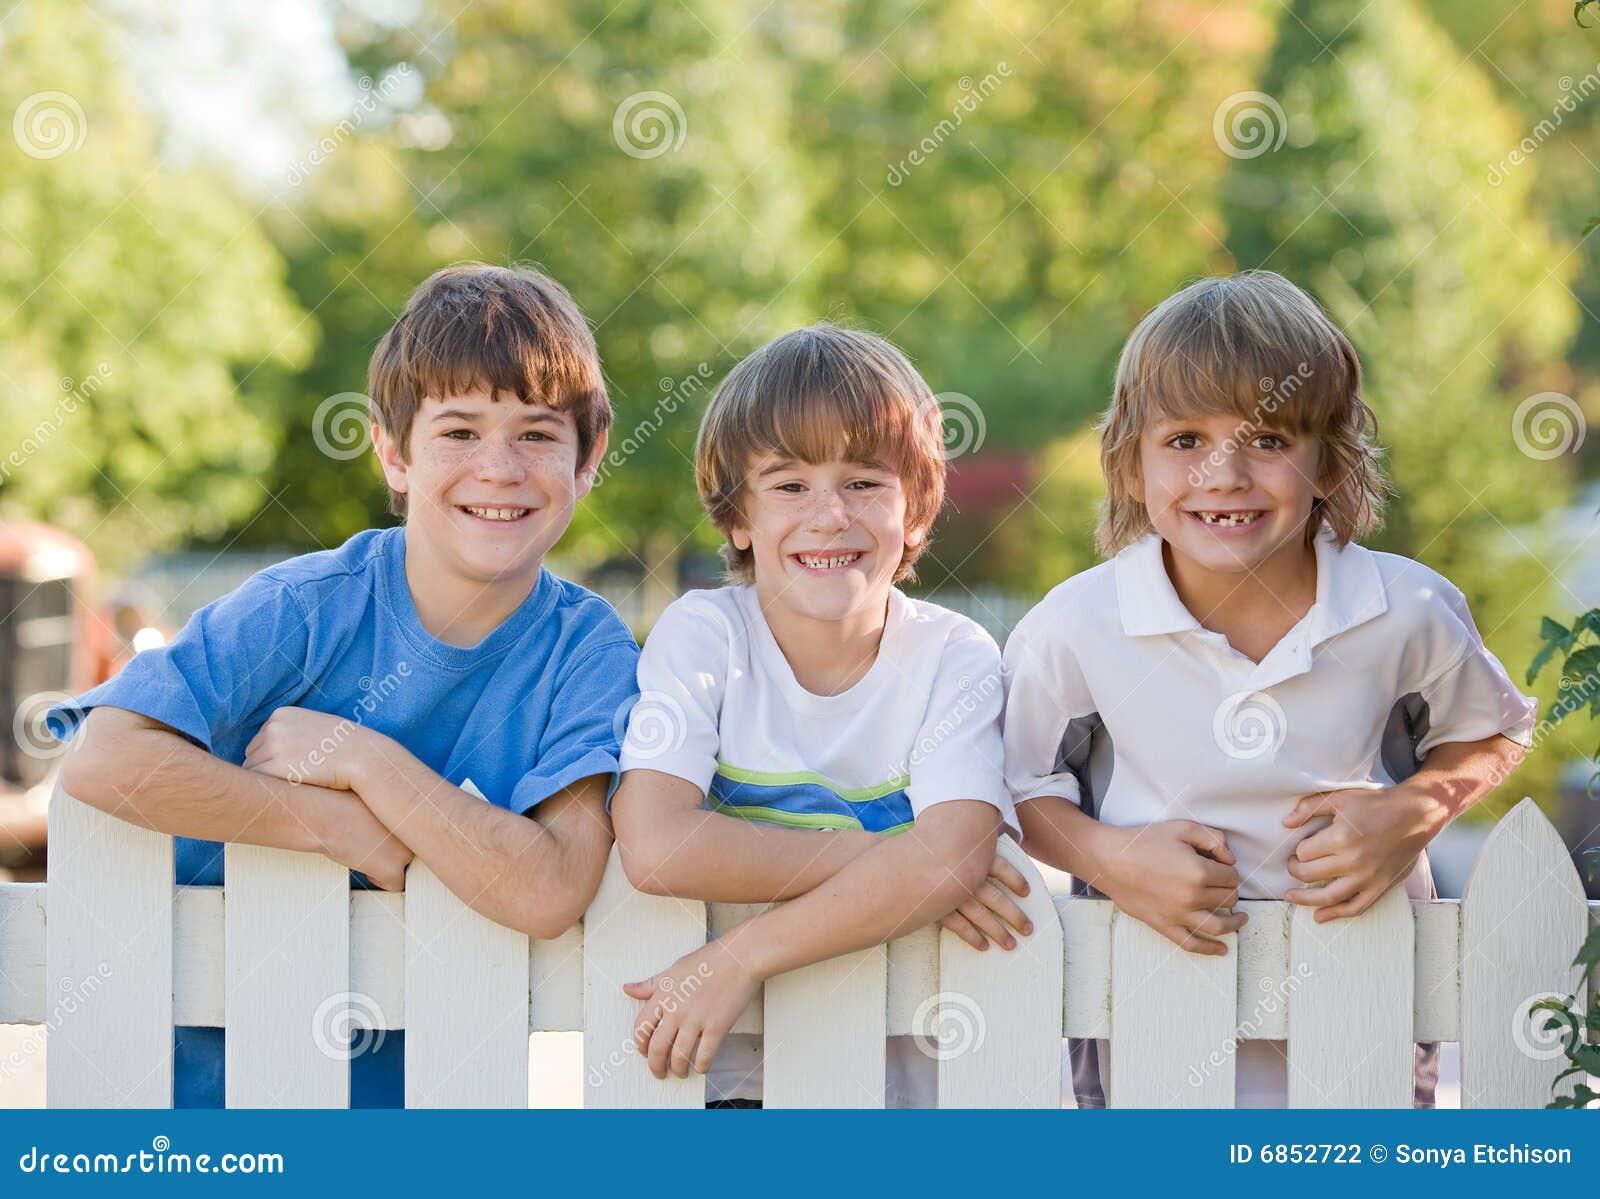 Drei Junge Lesben Beim Spelen